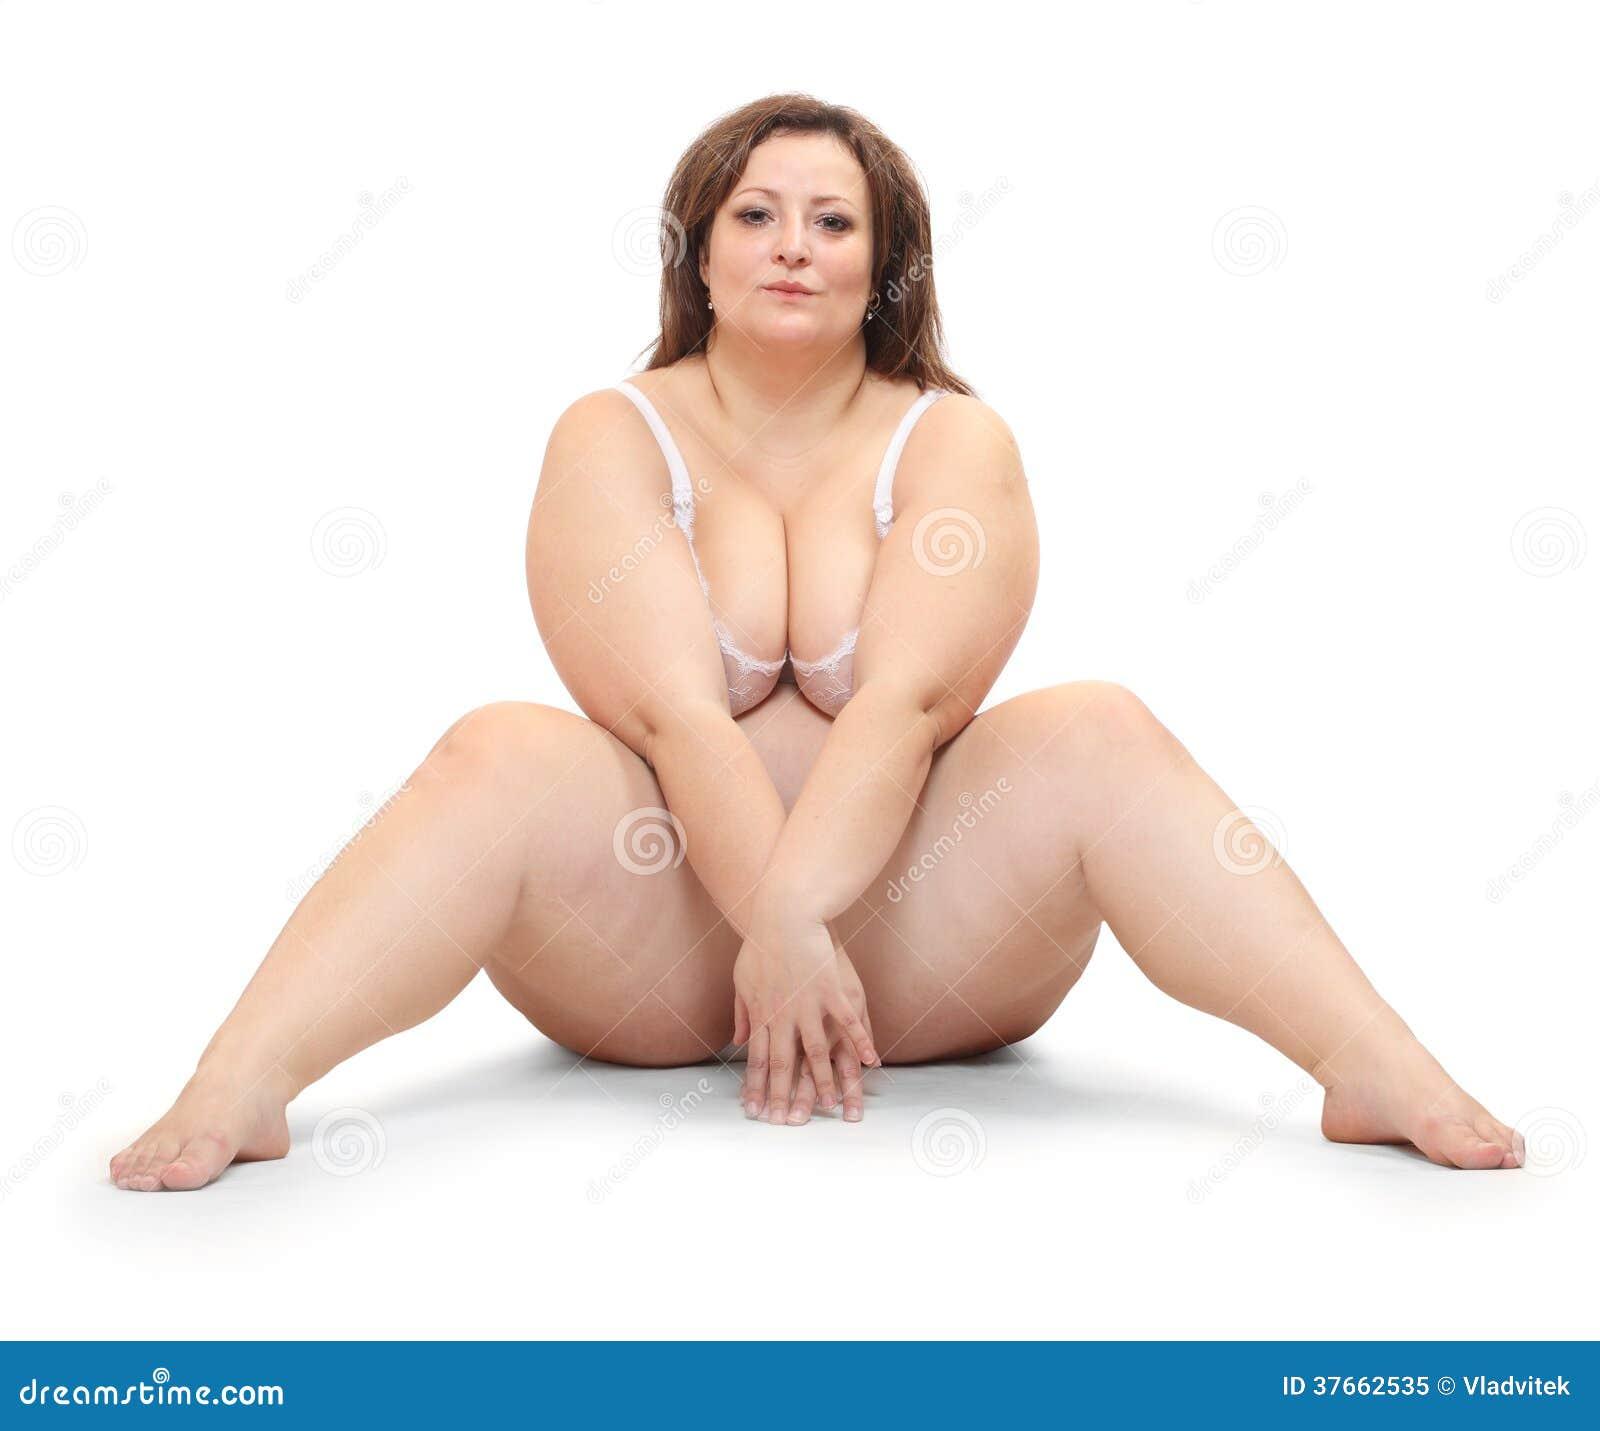 Chicas desnudas de fondo gordo